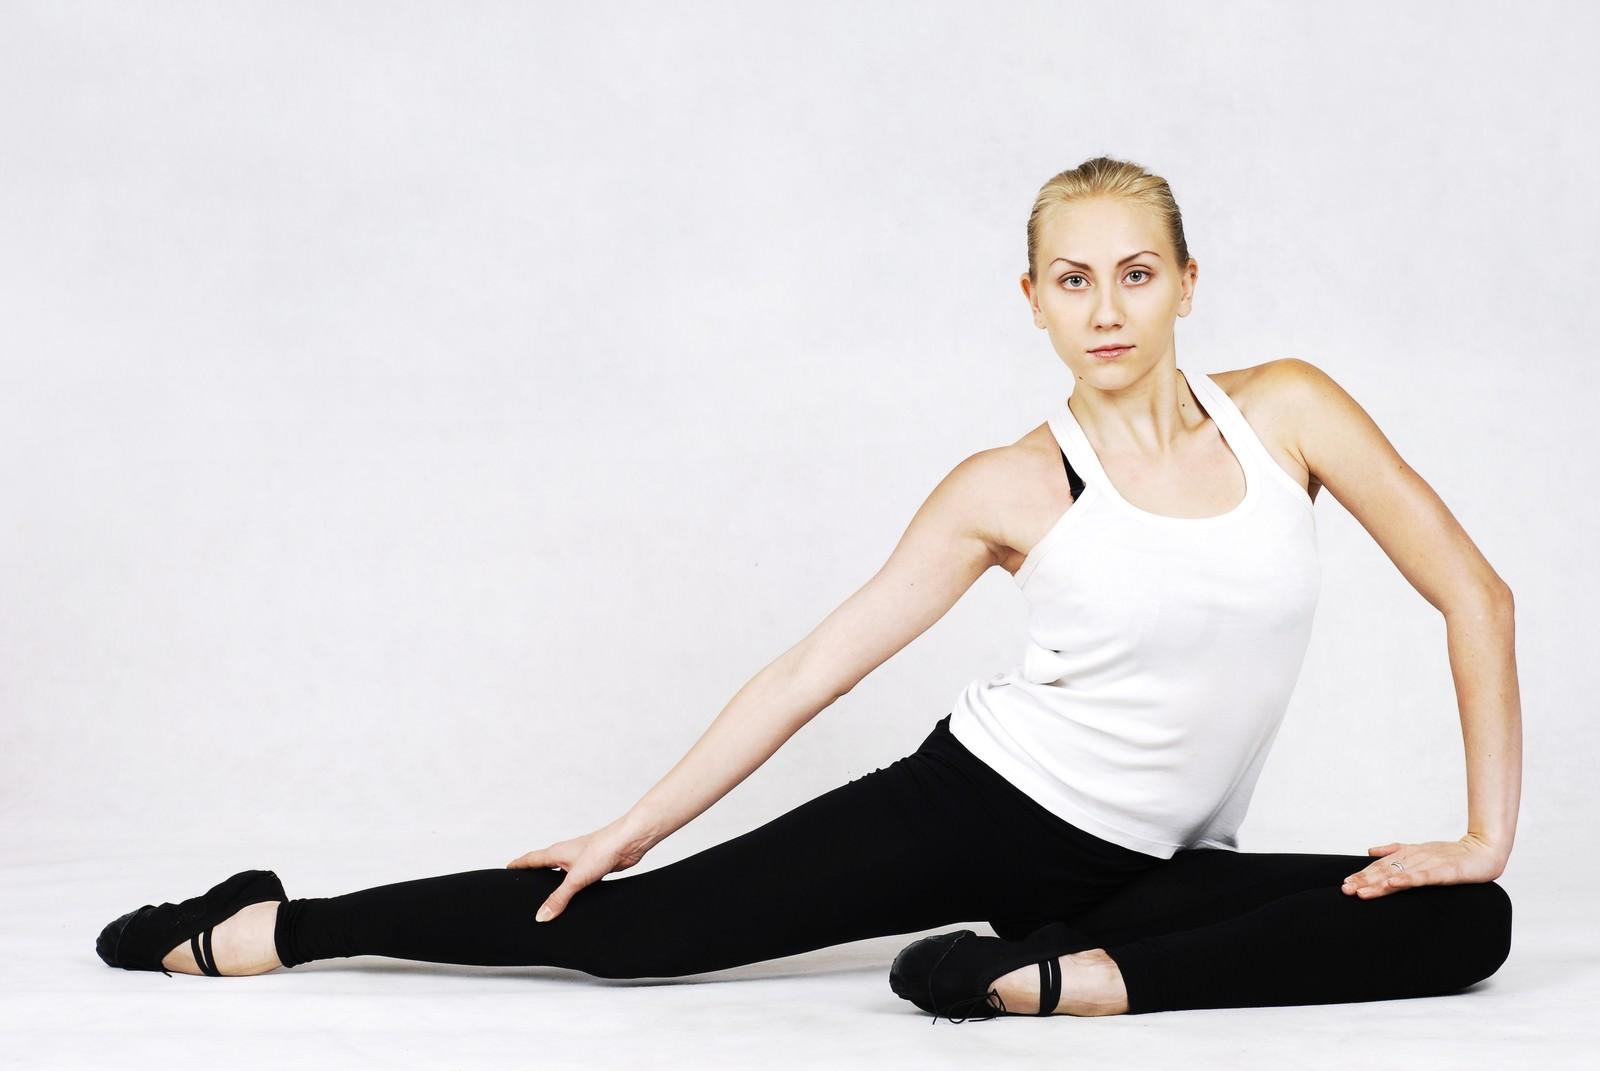 「右足を入念に伸ばすバレエダンサー」の写真[モデル:モデルファクトリー]